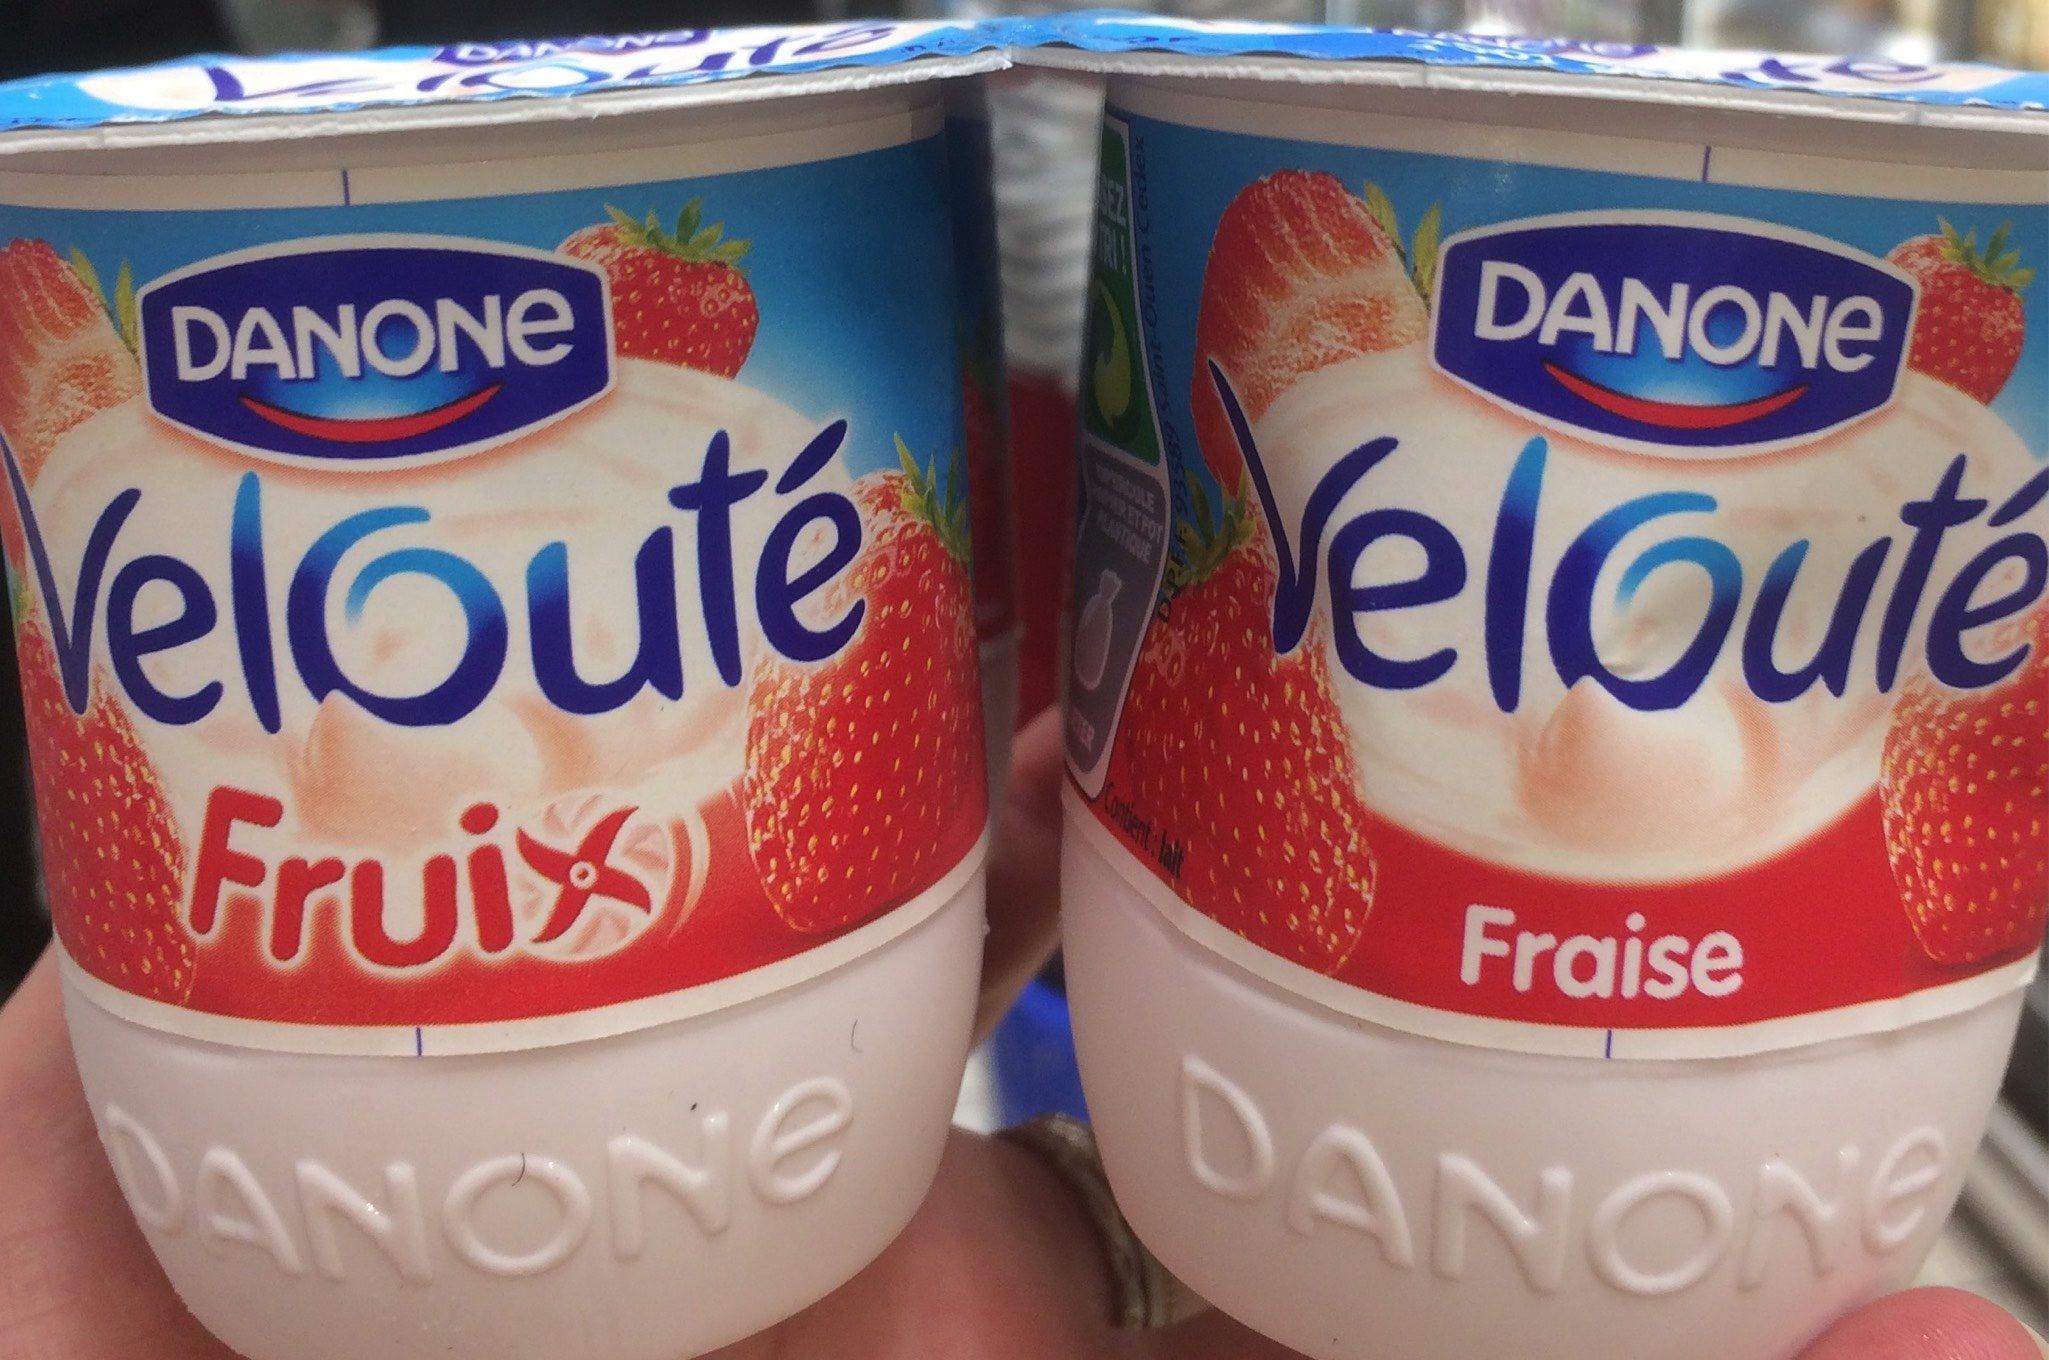 Velouté fruix, fraise - Product